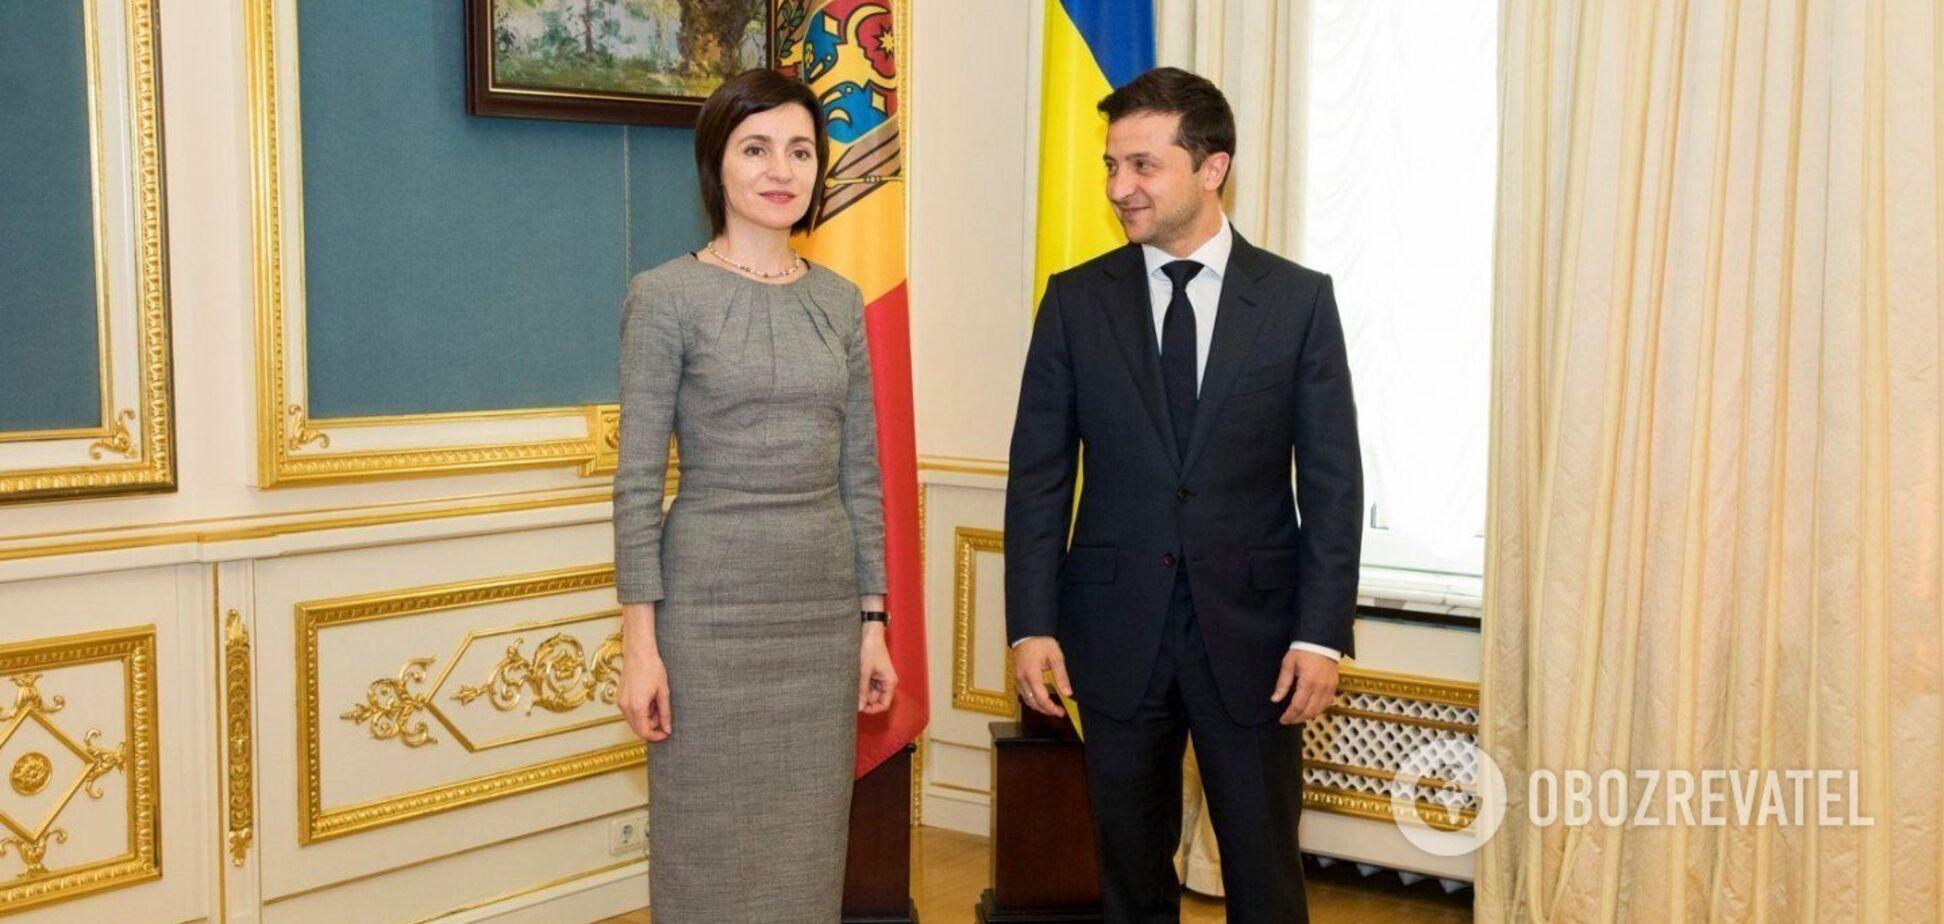 Зеленский посетит Молдову с официальным визитом: появились подробности